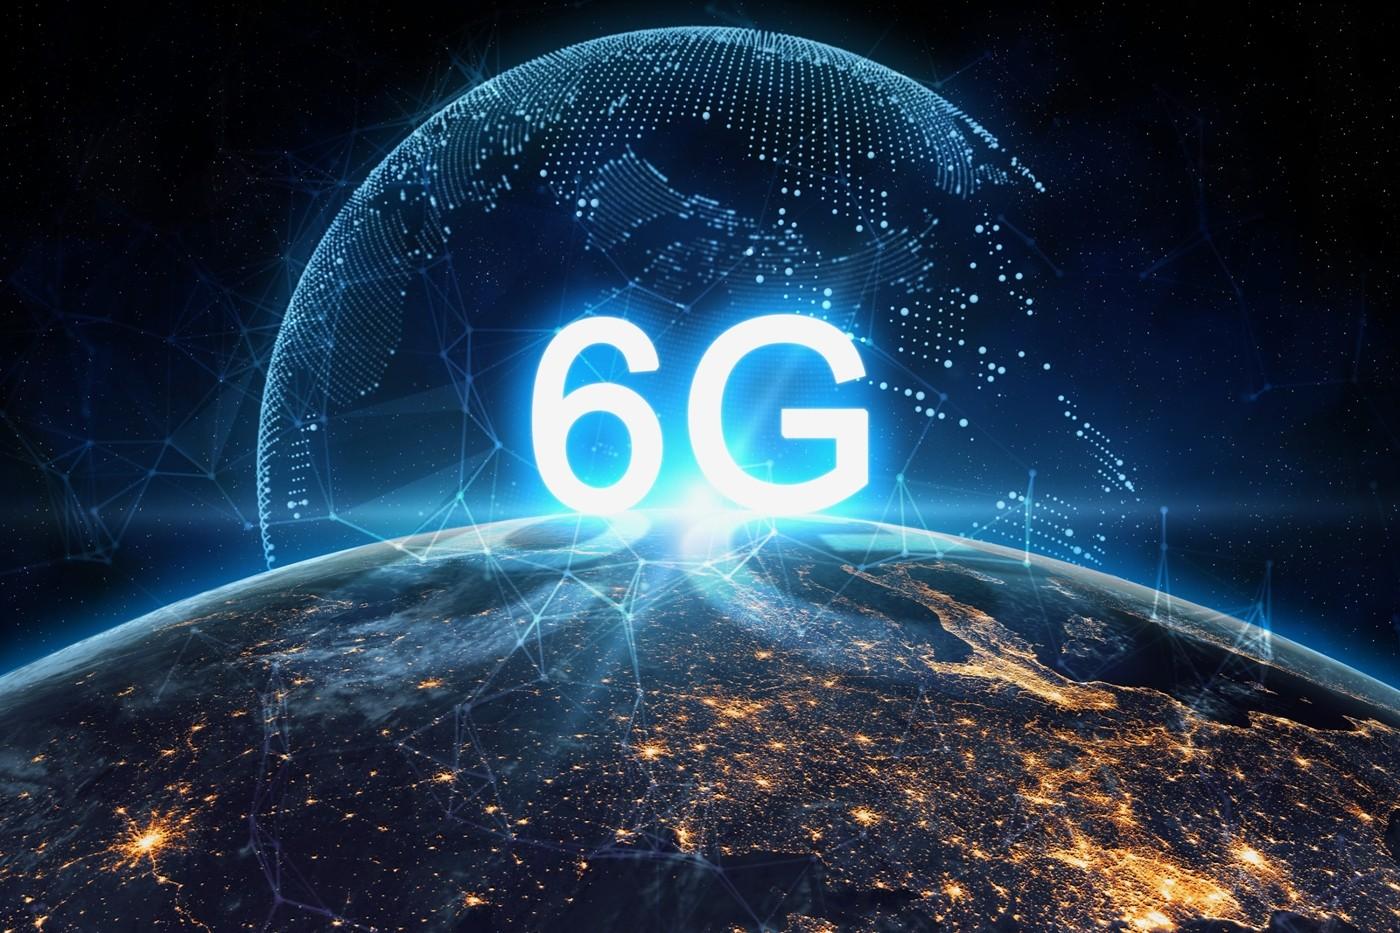 Китайцы запустили первый в мире спутник для тестирования 6G